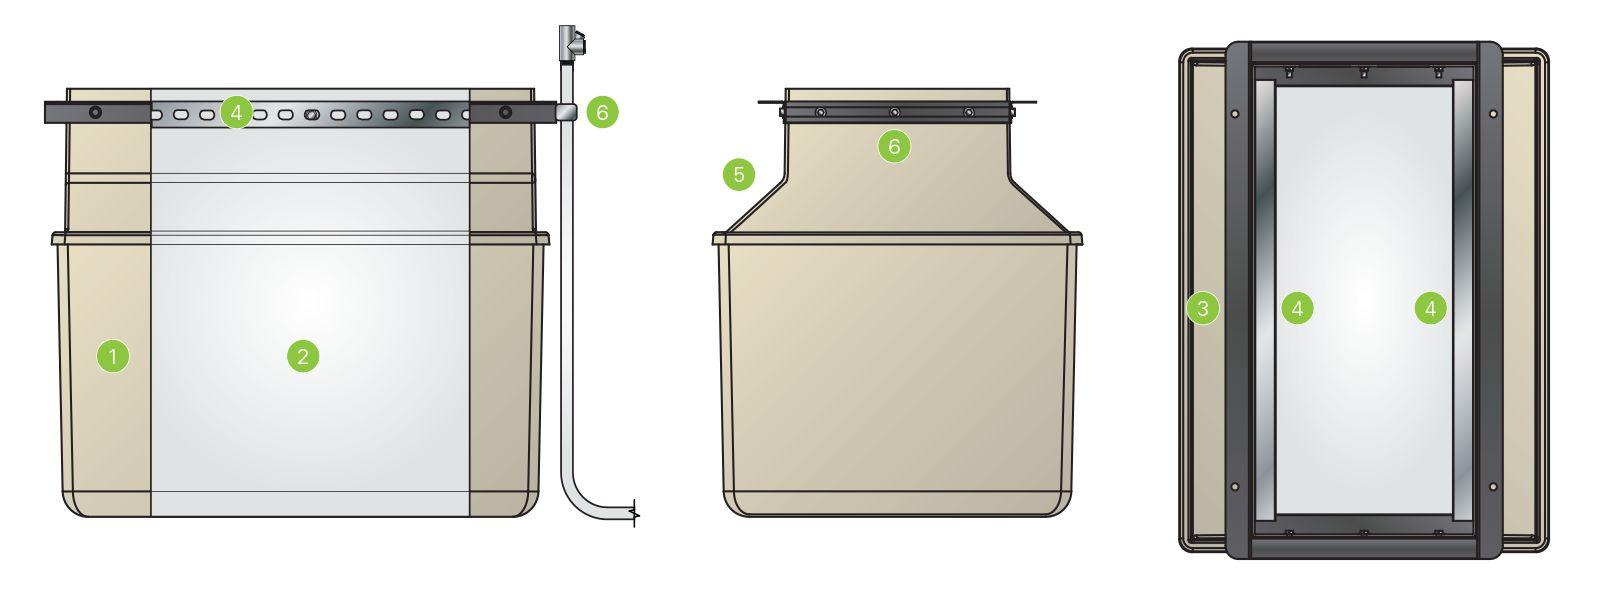 Low Profile Dispenser Sump - Comps.psd